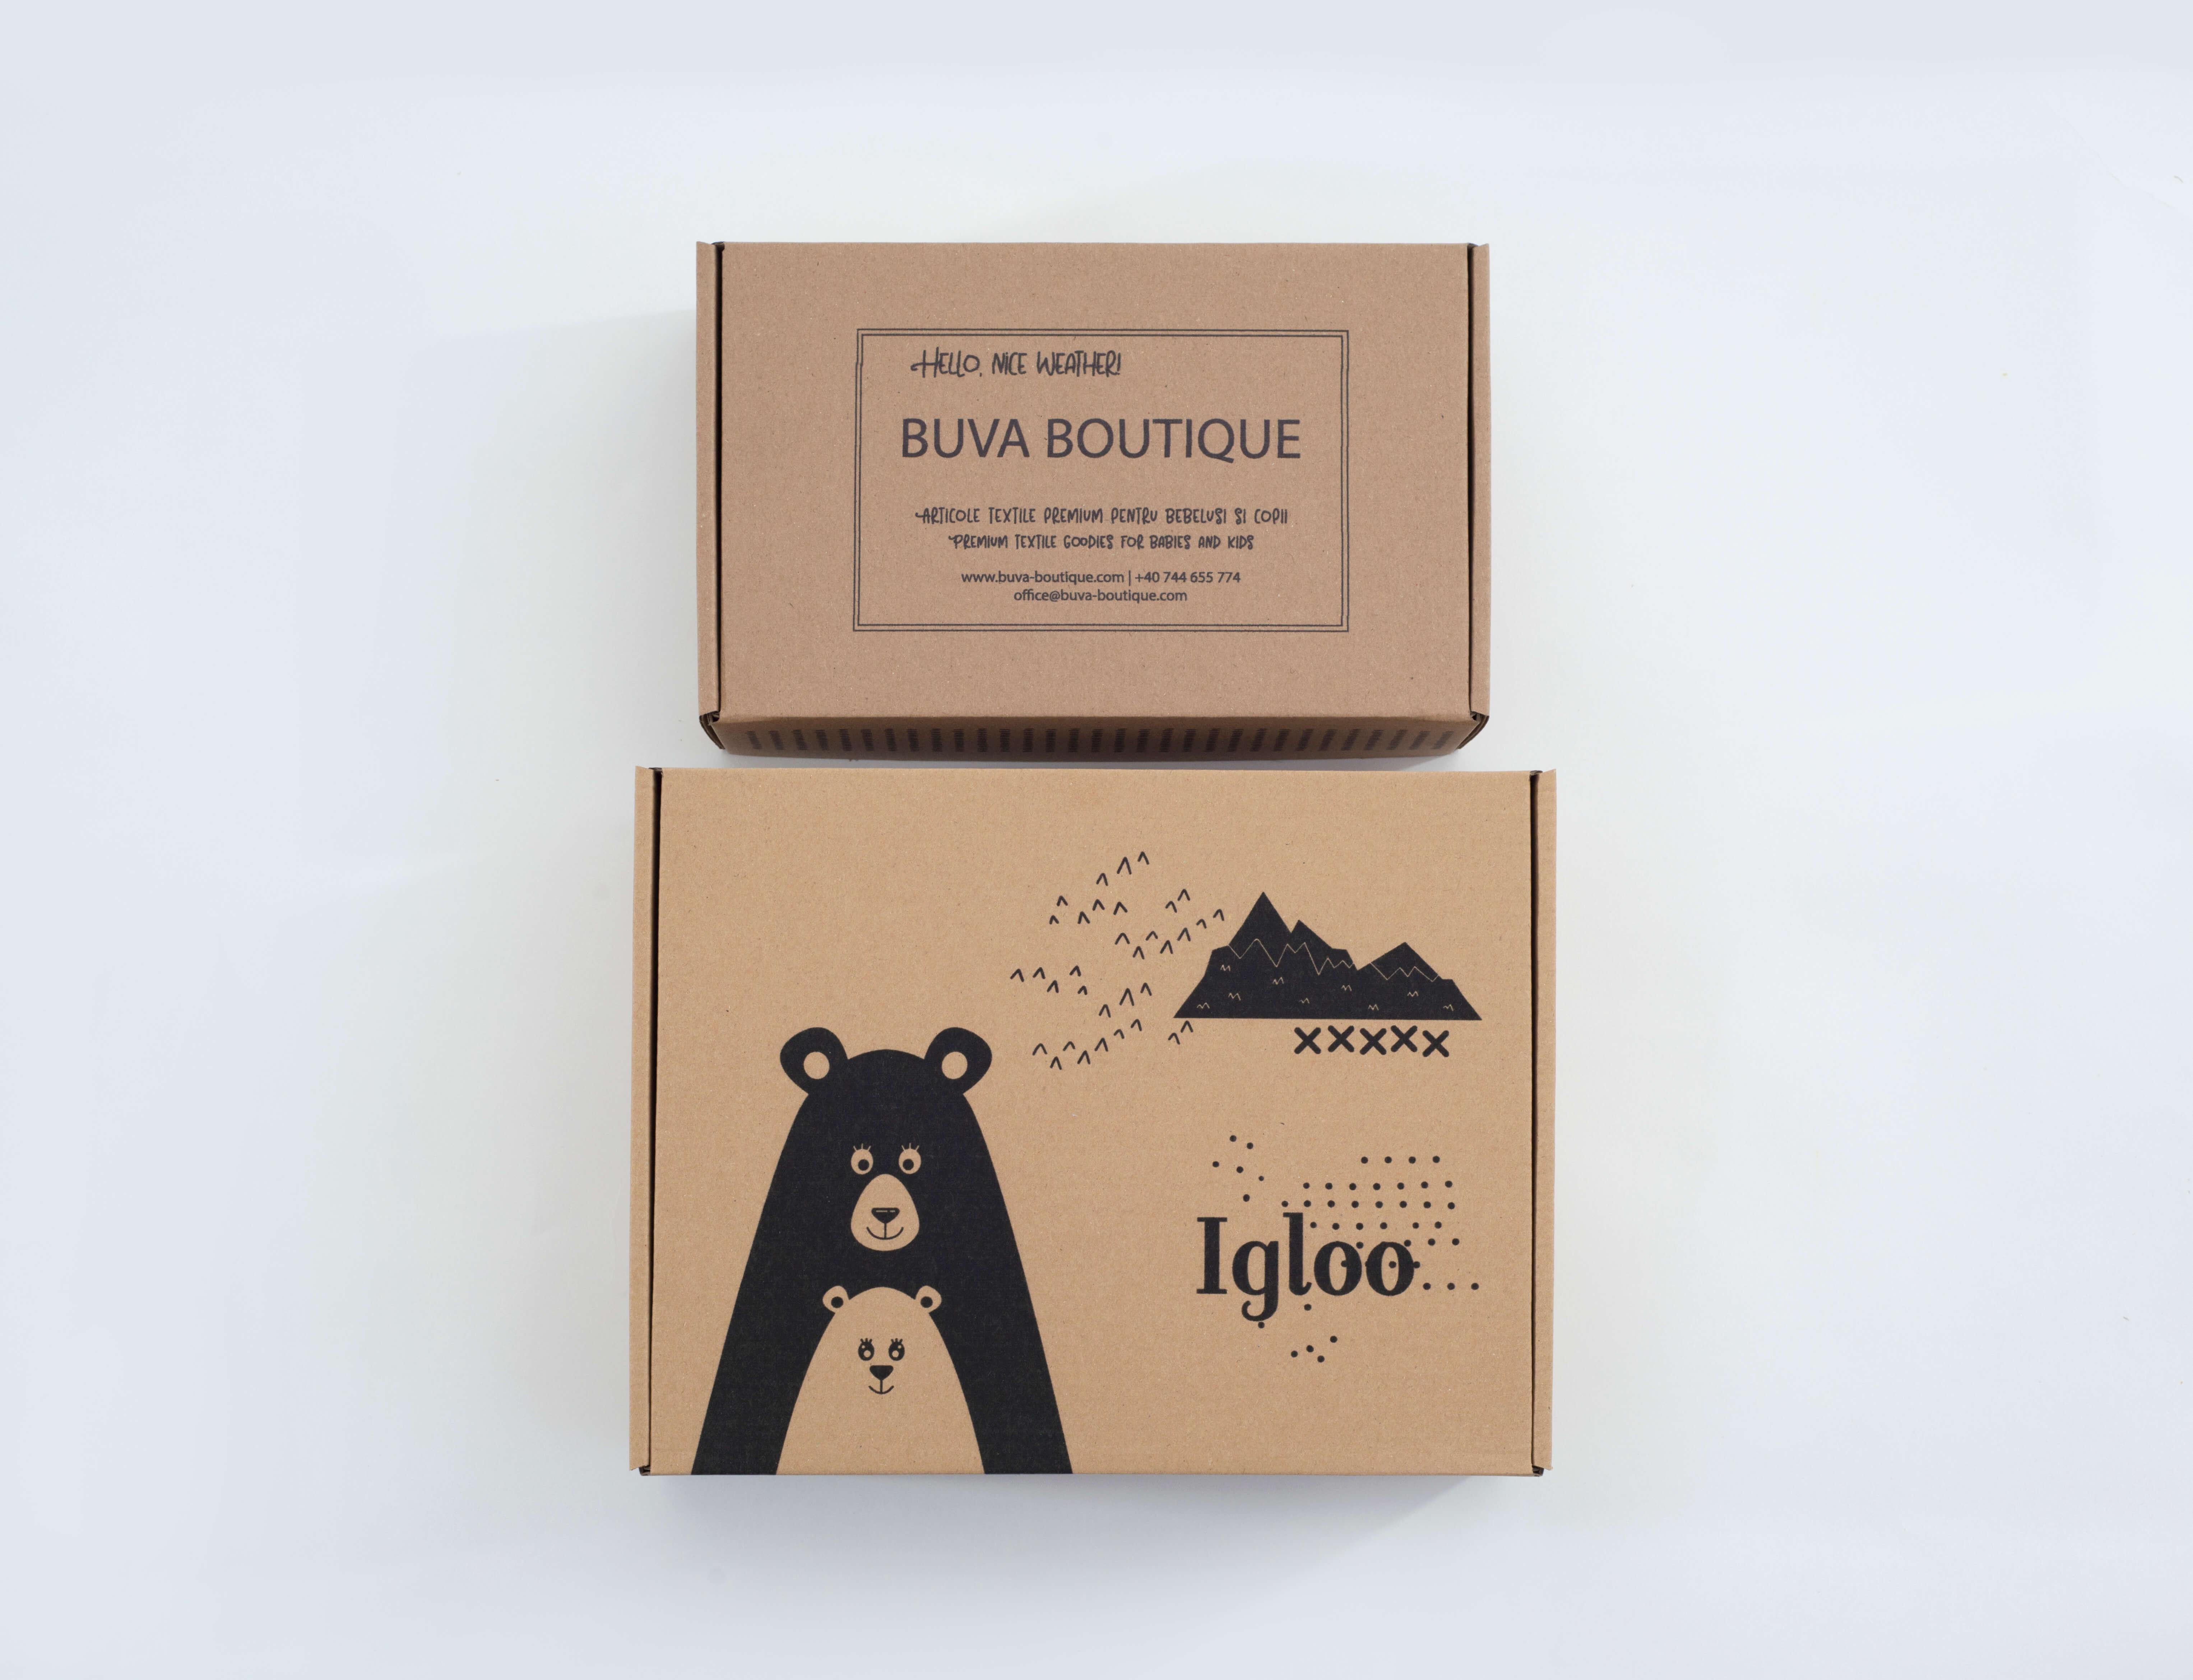 cajas de cartón con un logo en color negro